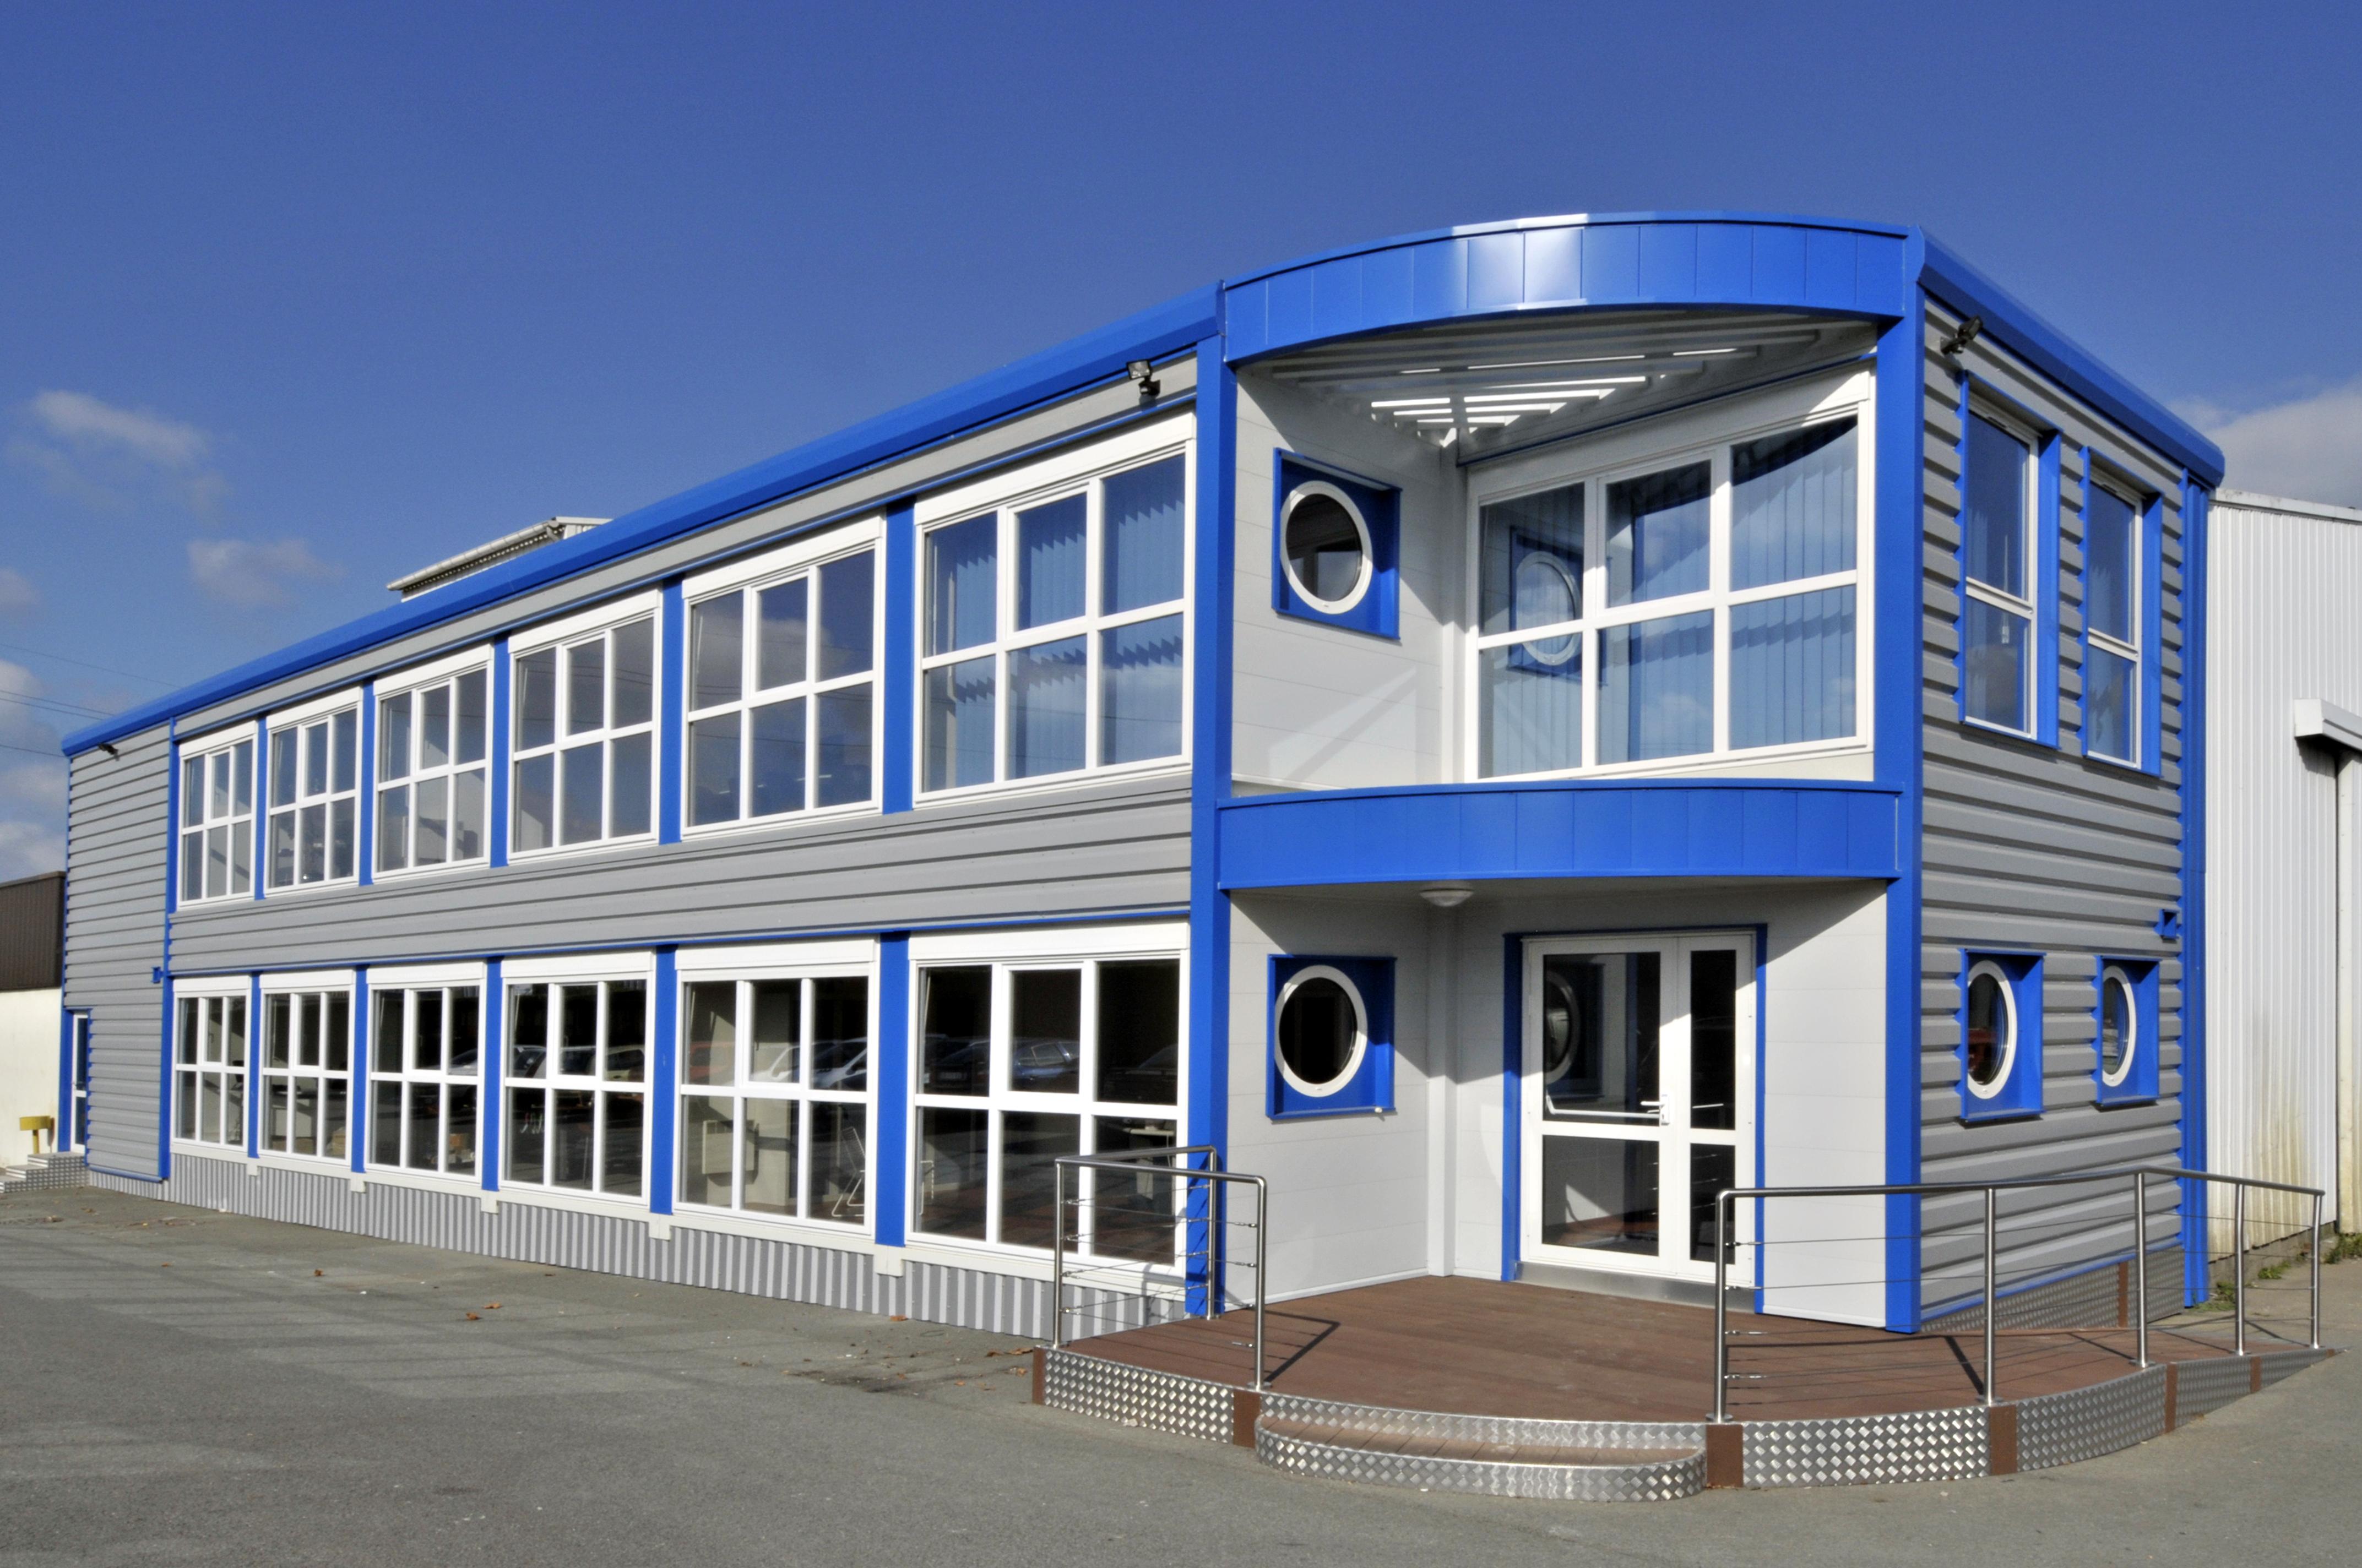 Recrutement: Responsable d'activité - Location professionnelle de constructions modulaires F/H chez Emeraude RH à Loscouët-sur-Meu